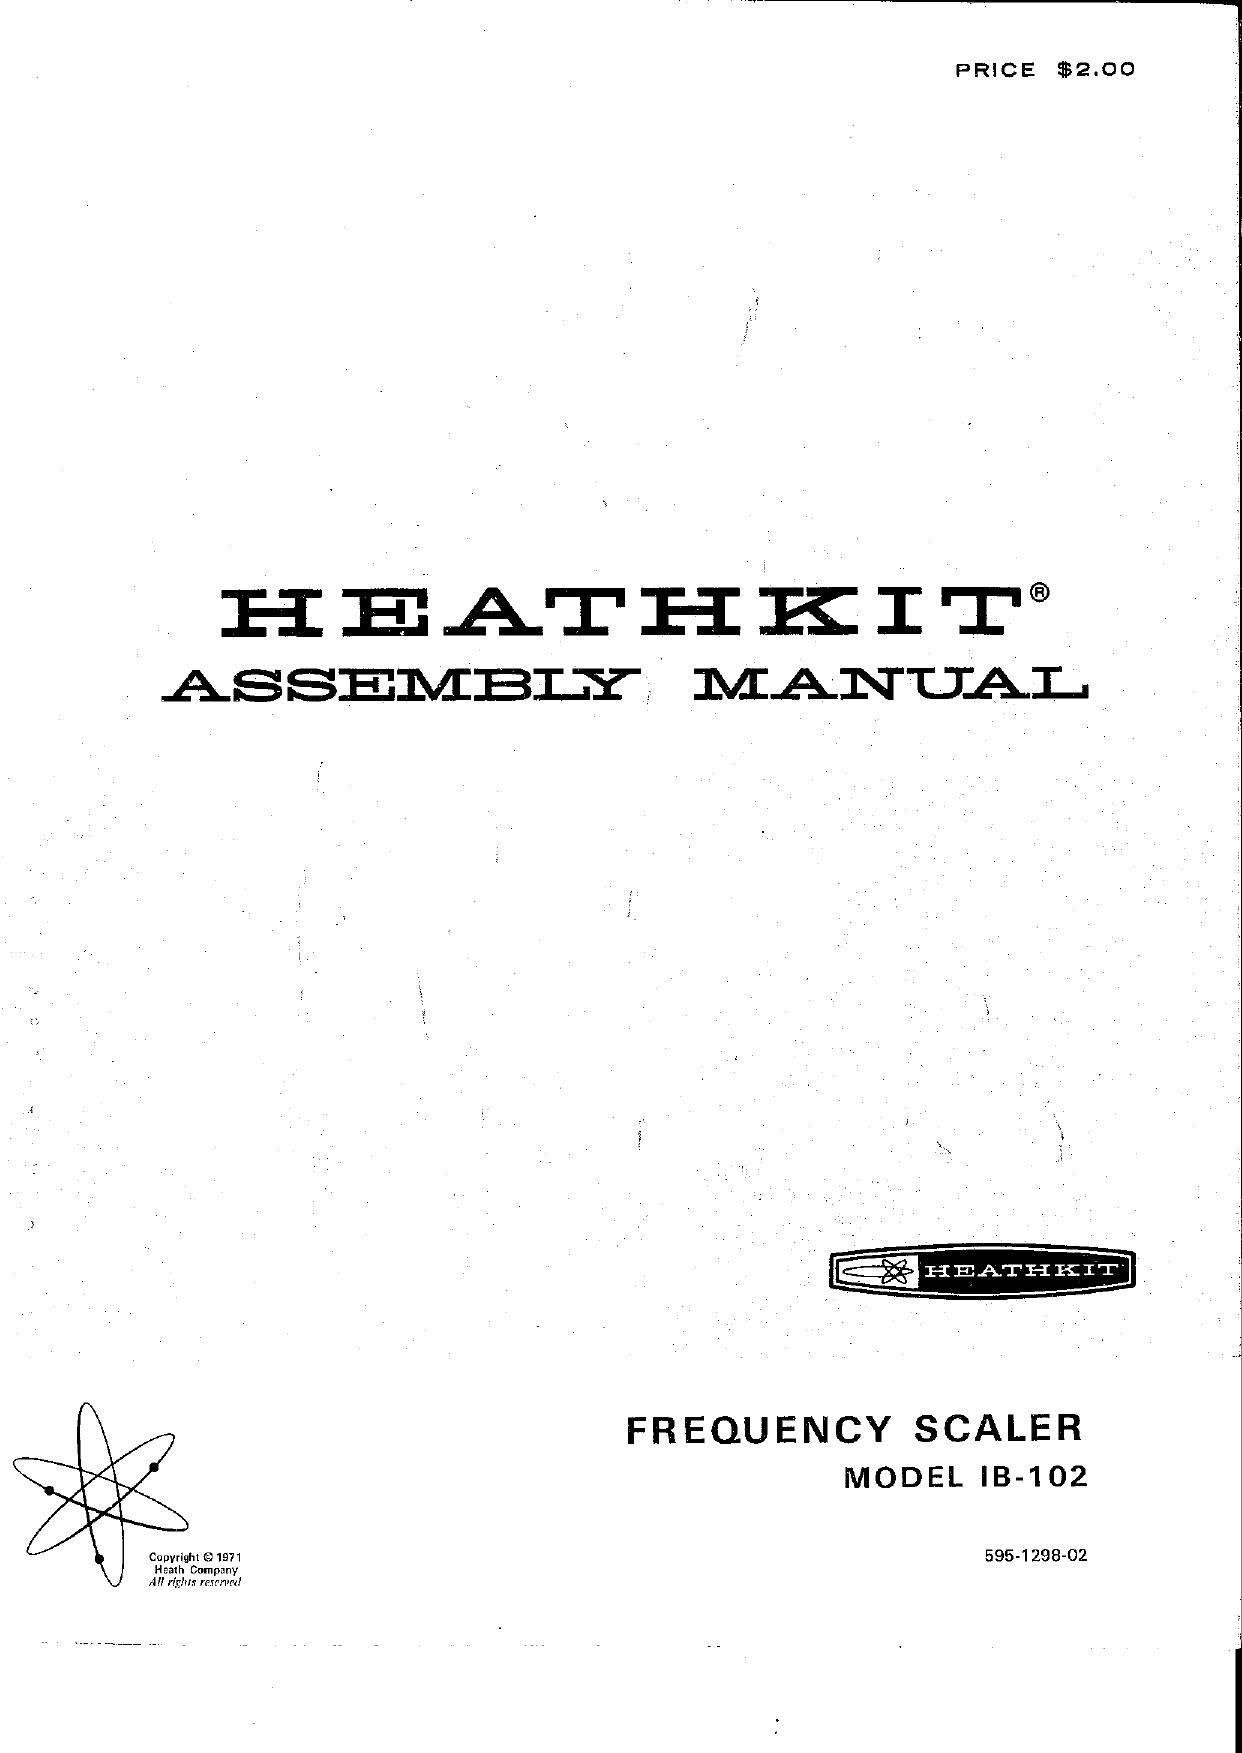 heathkit ib 102 manual rh audioservicemanuals com Heathkit Ha 10 Warrior Amp Manual